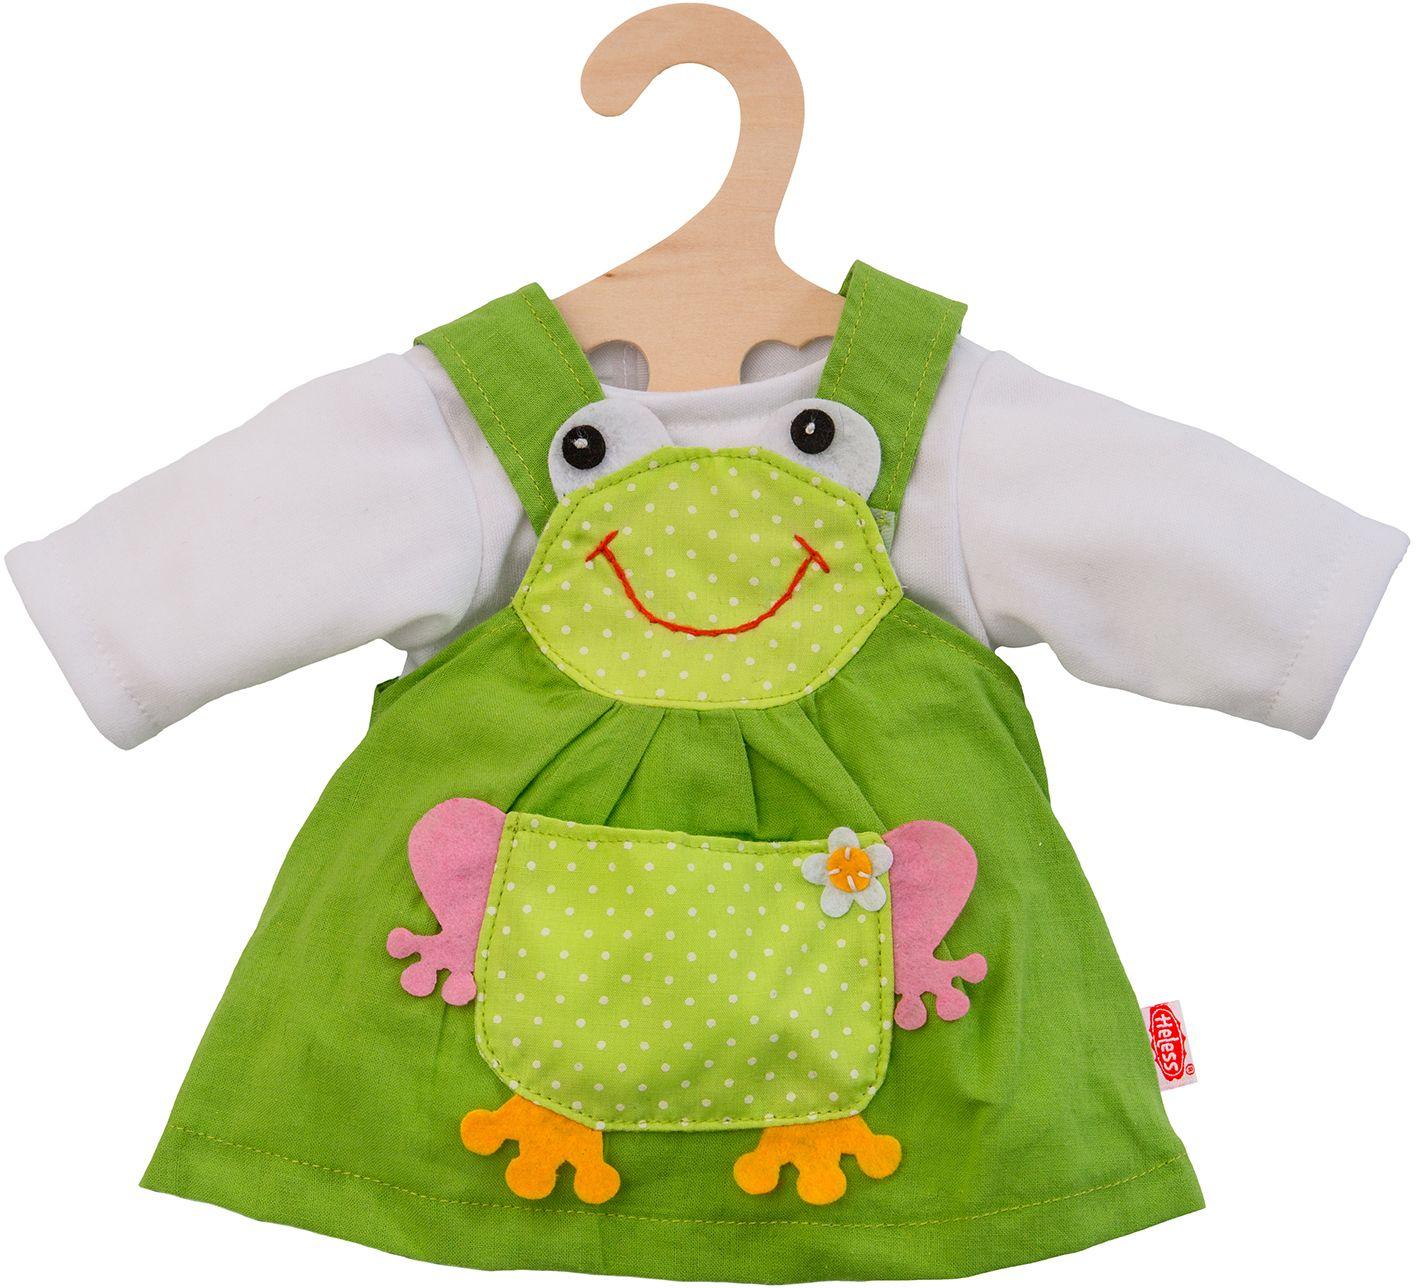 HELESS® Heless® Puppenkleid Größe 28-35 o. 35-45 cm, »Froschkleid« (2tlg.)